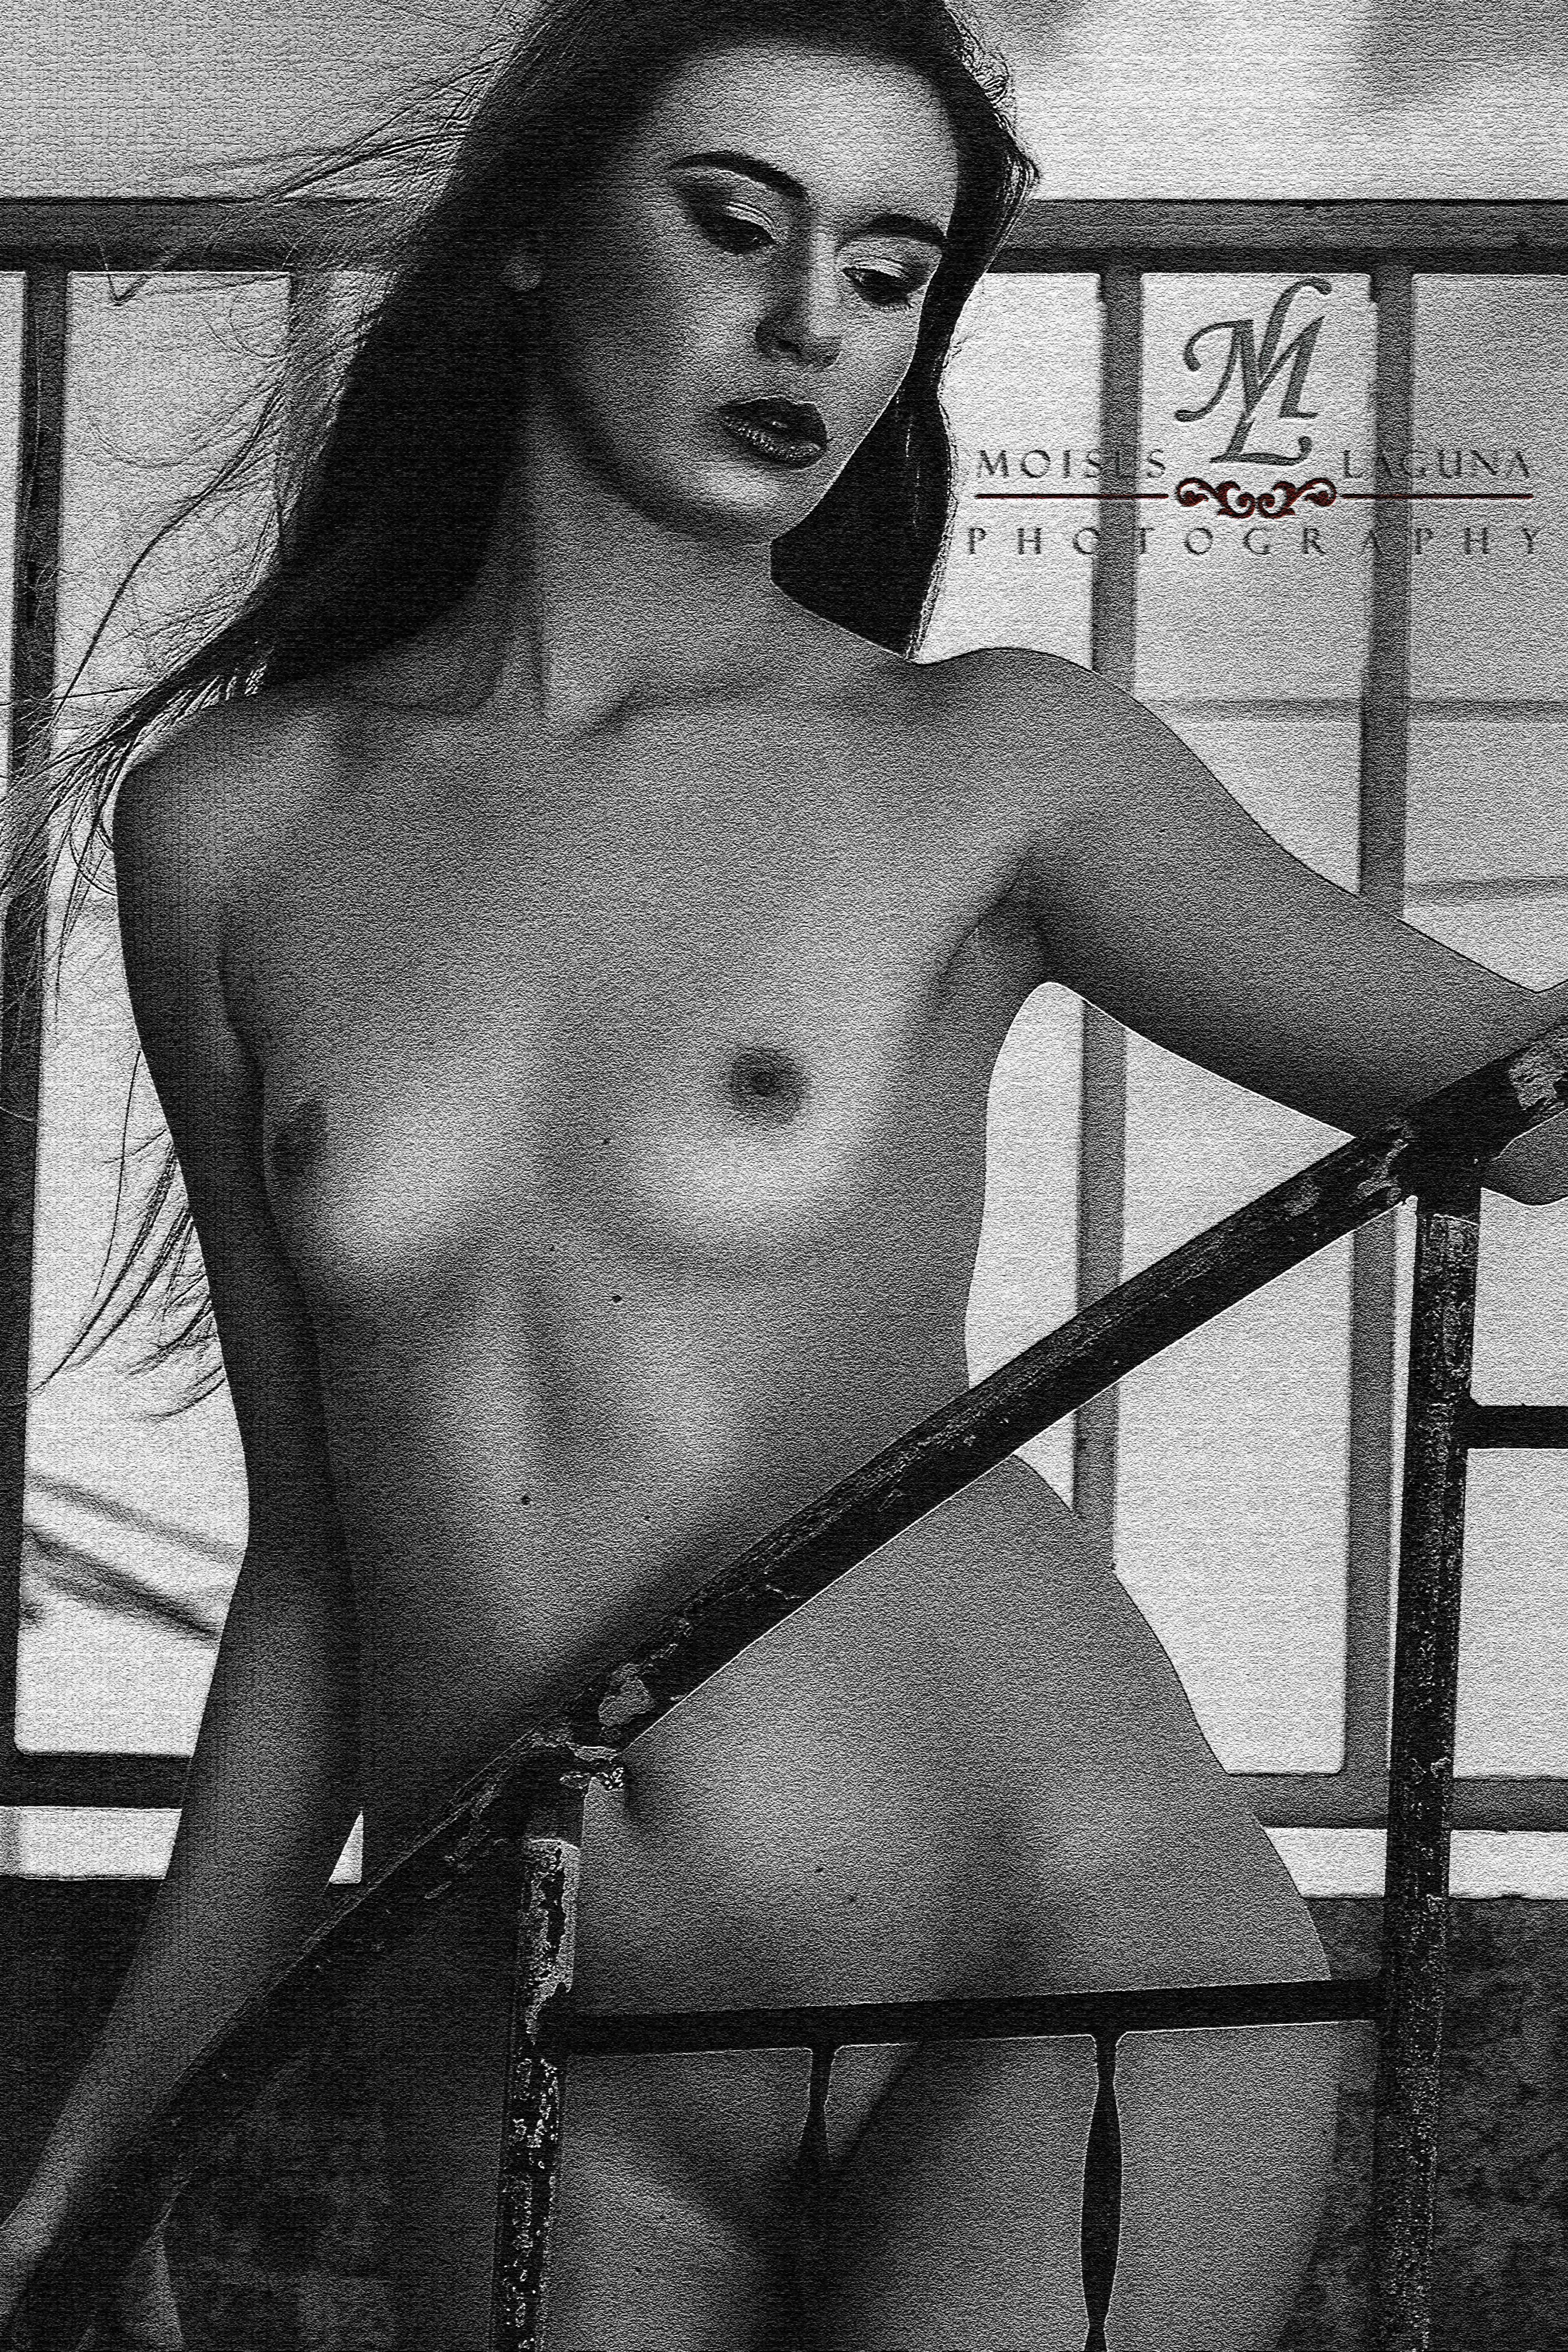 Understand Fine nude puerto rican pics that interrupt